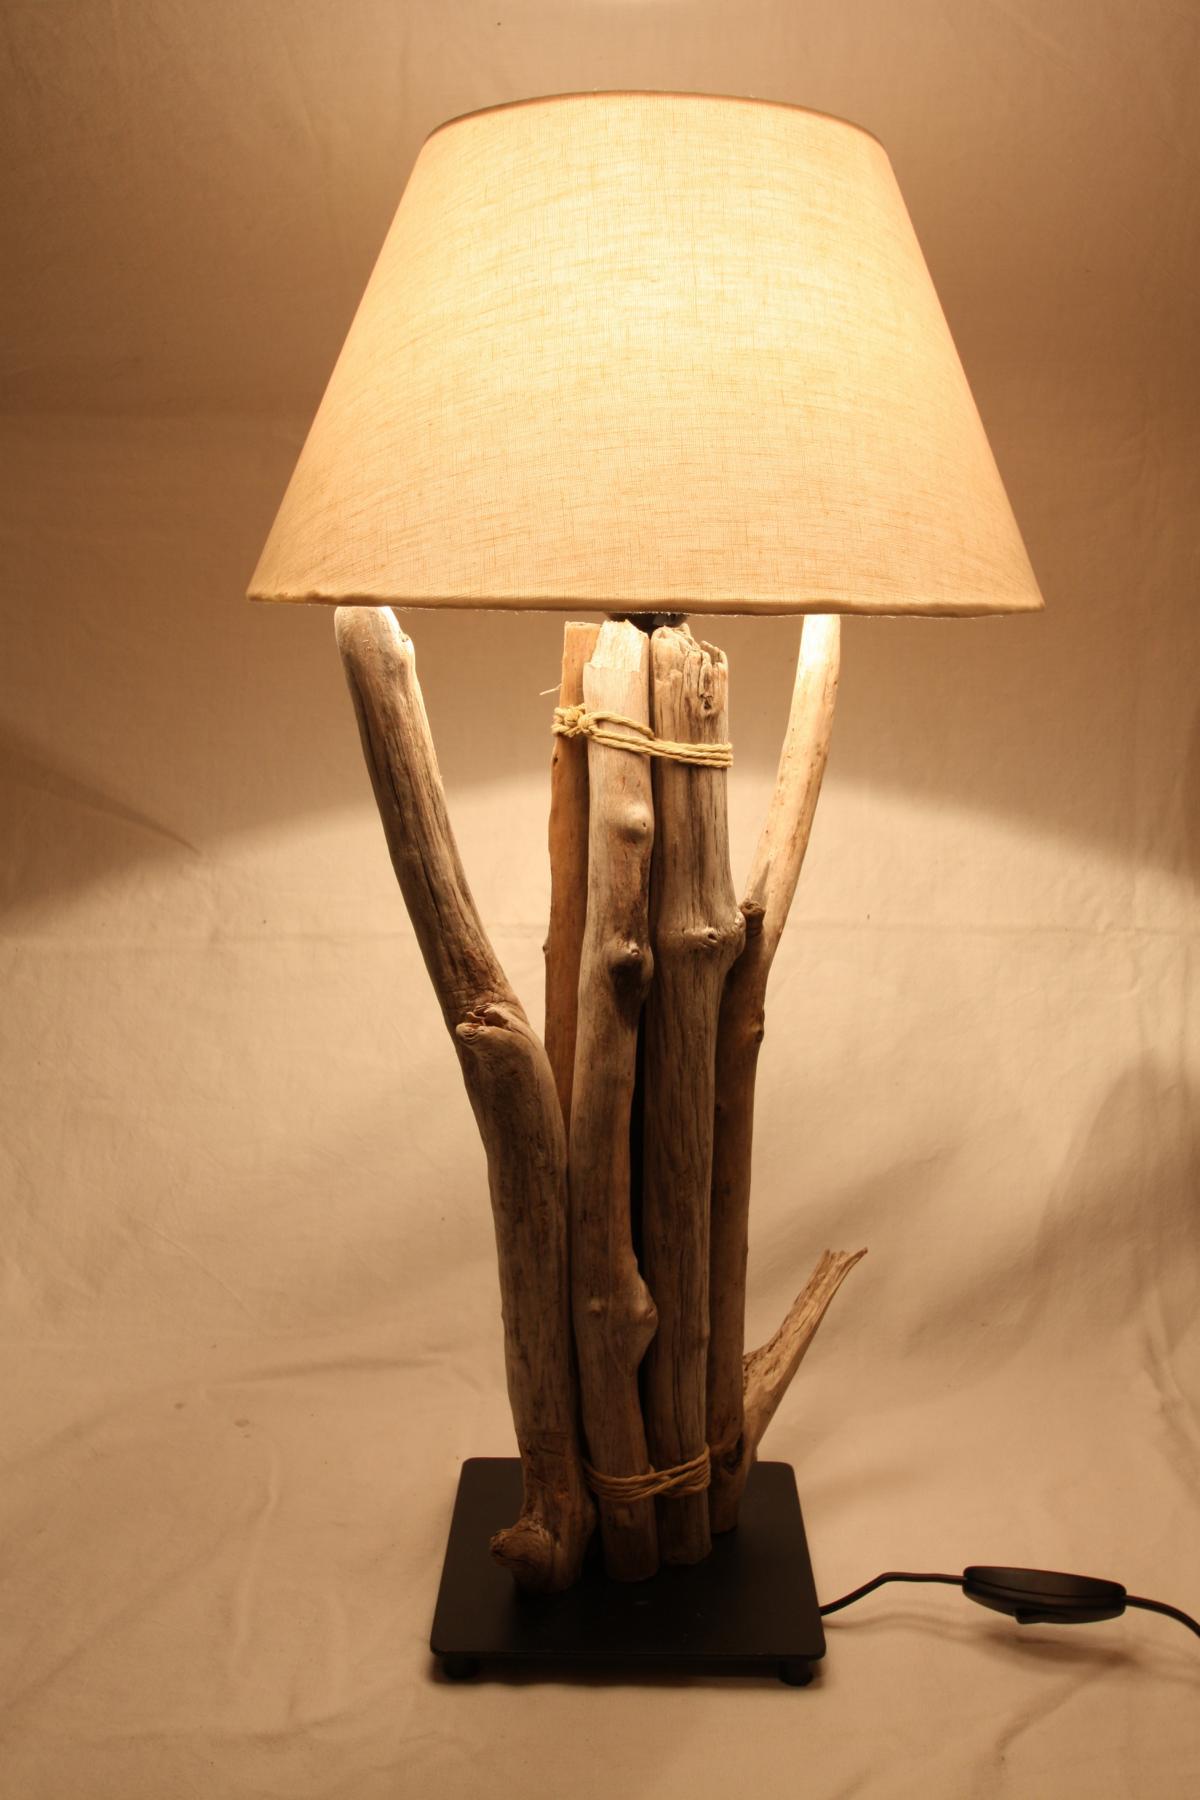 Treibholz Lampe mit Schirm  wwwtreibholzbodenseede